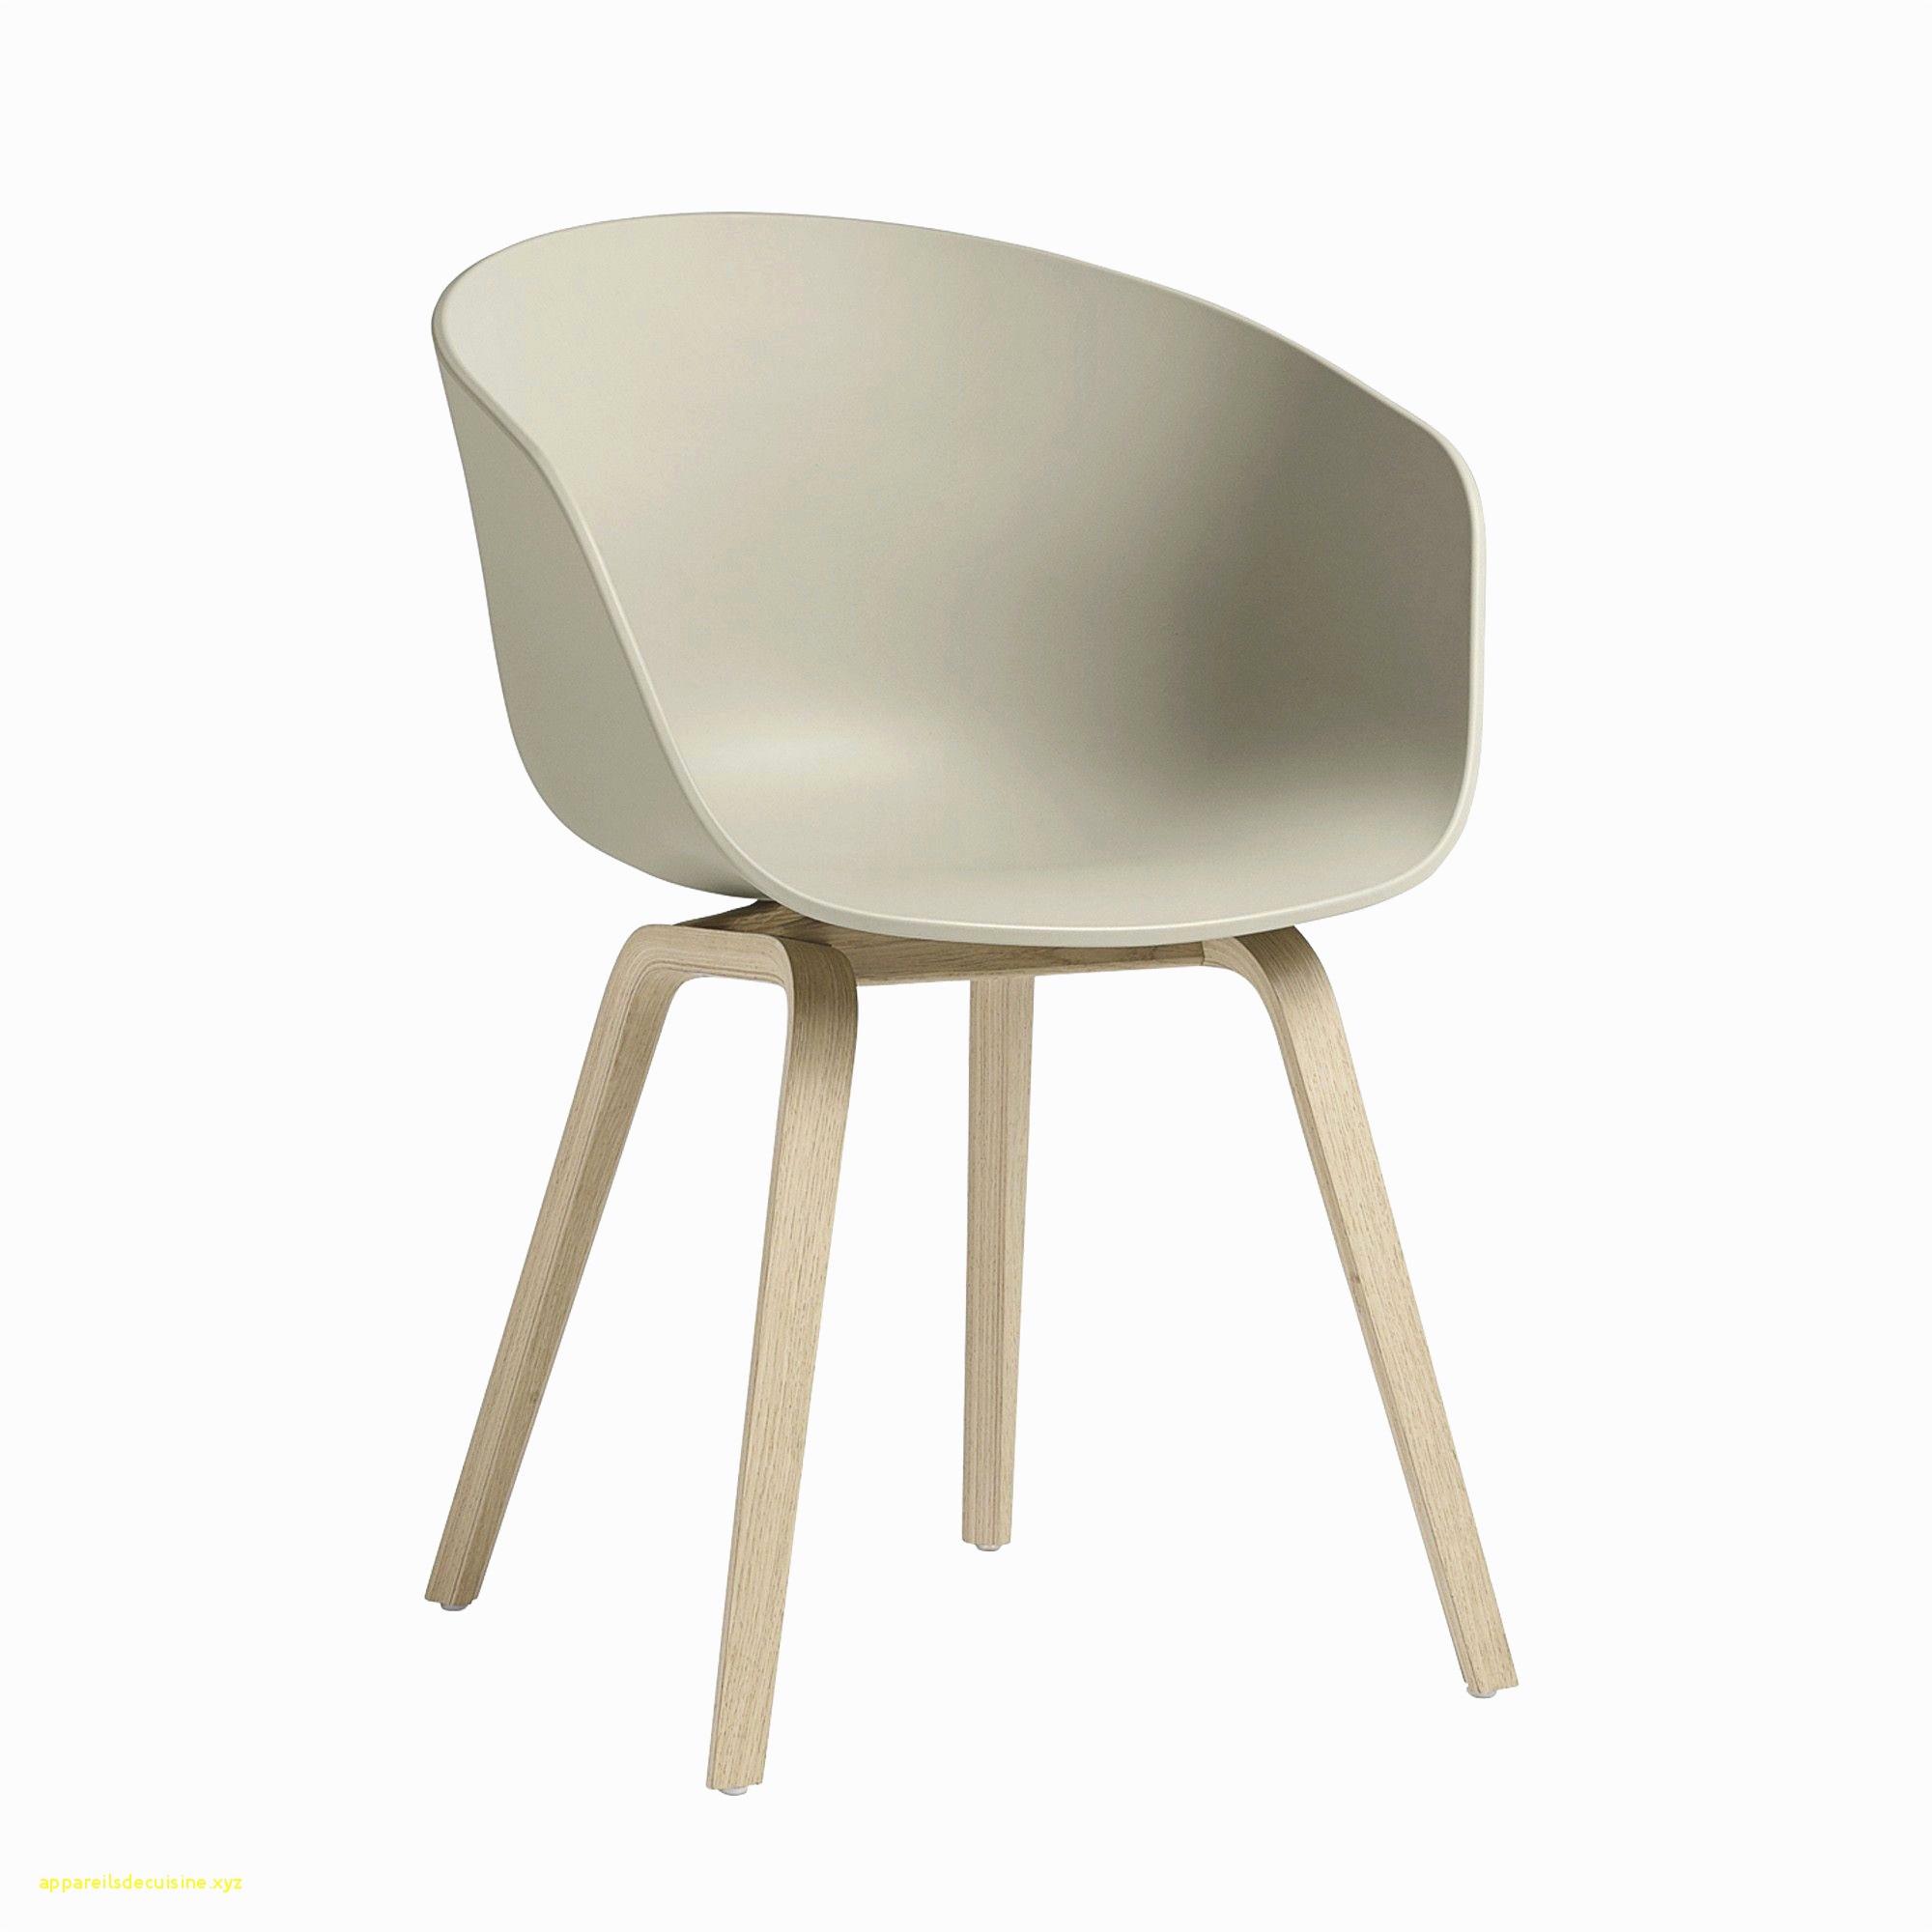 chaise scandinave avec accoudoir alinea boutique gain de. Black Bedroom Furniture Sets. Home Design Ideas